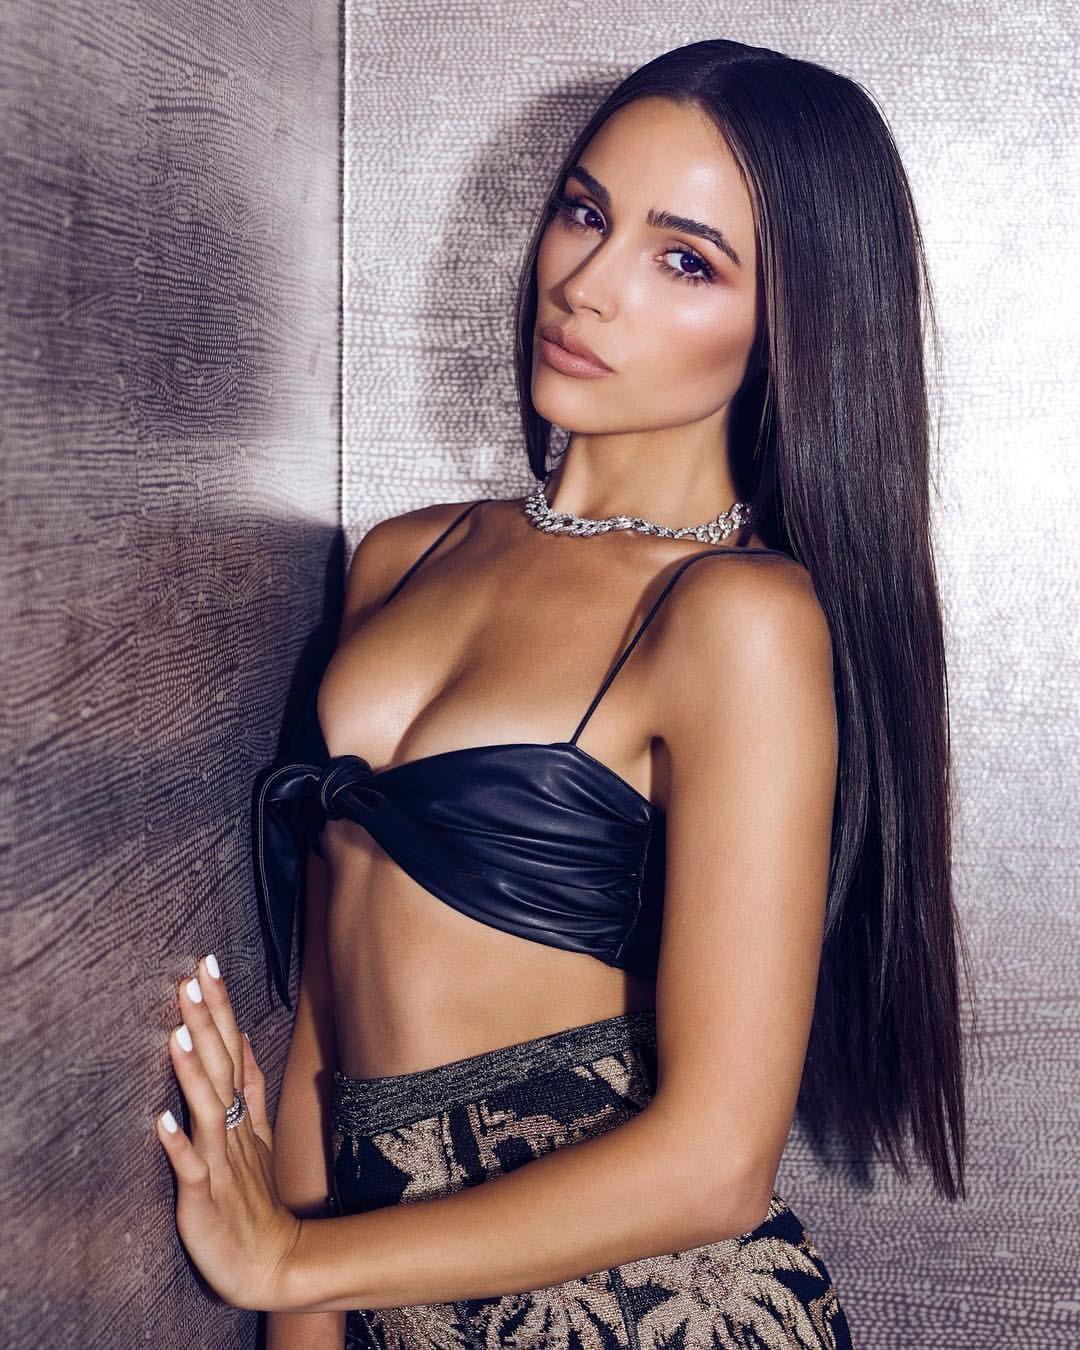 Olivia culpo sexy 7 Photos - 2019 year